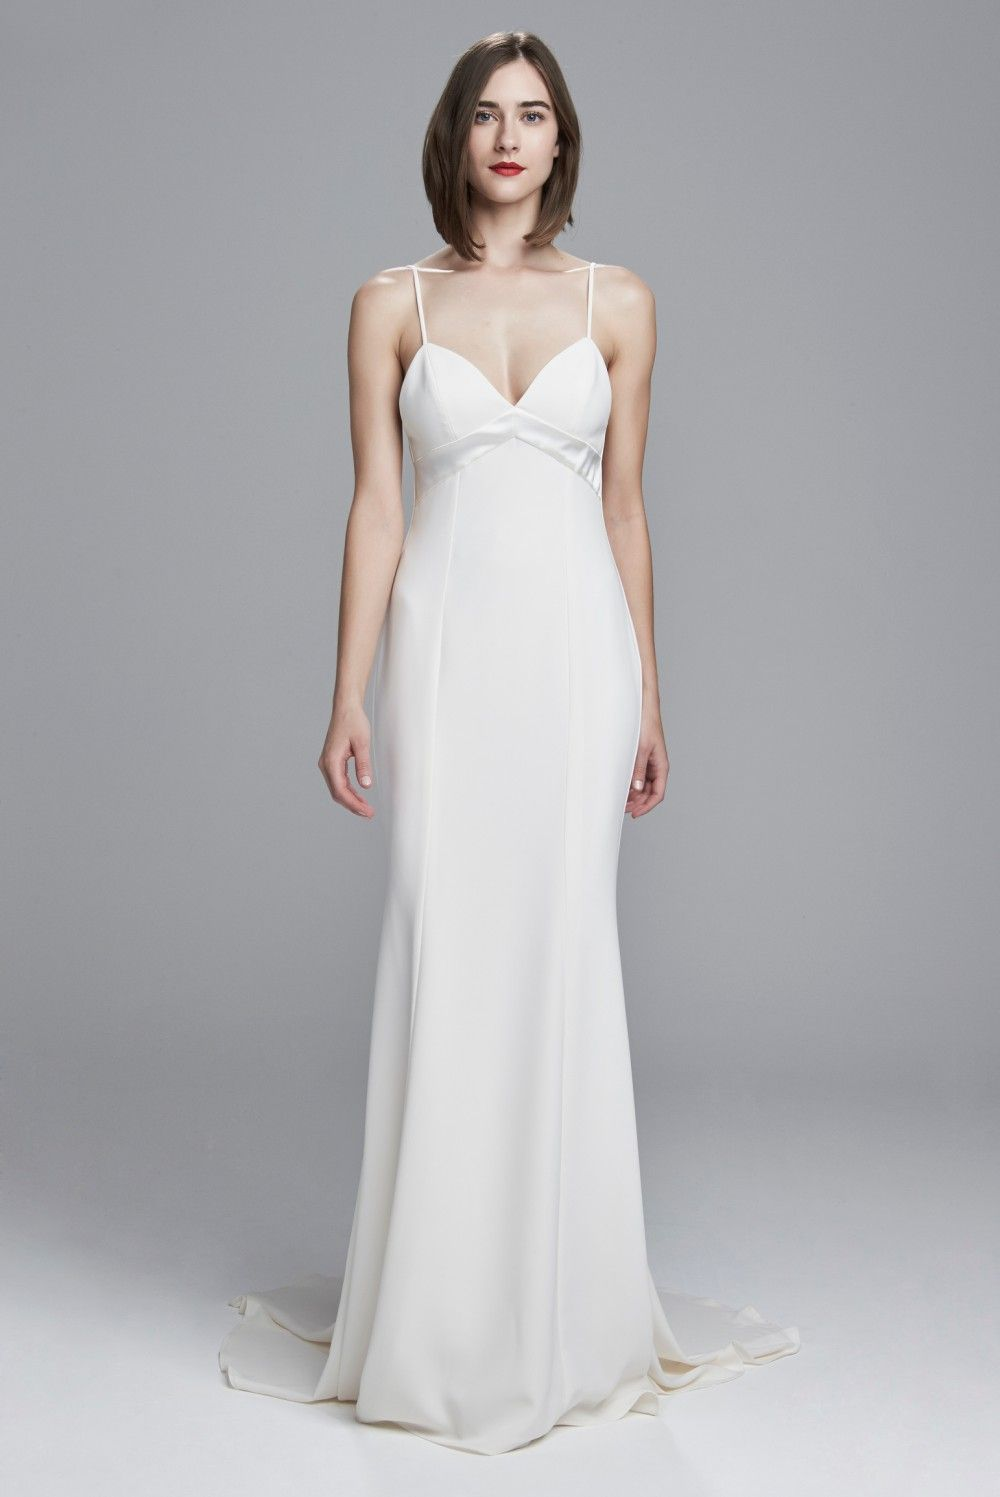 Nouvelle Amsale Frühling 2017 Brautkleider | Hochzeits ideen ...